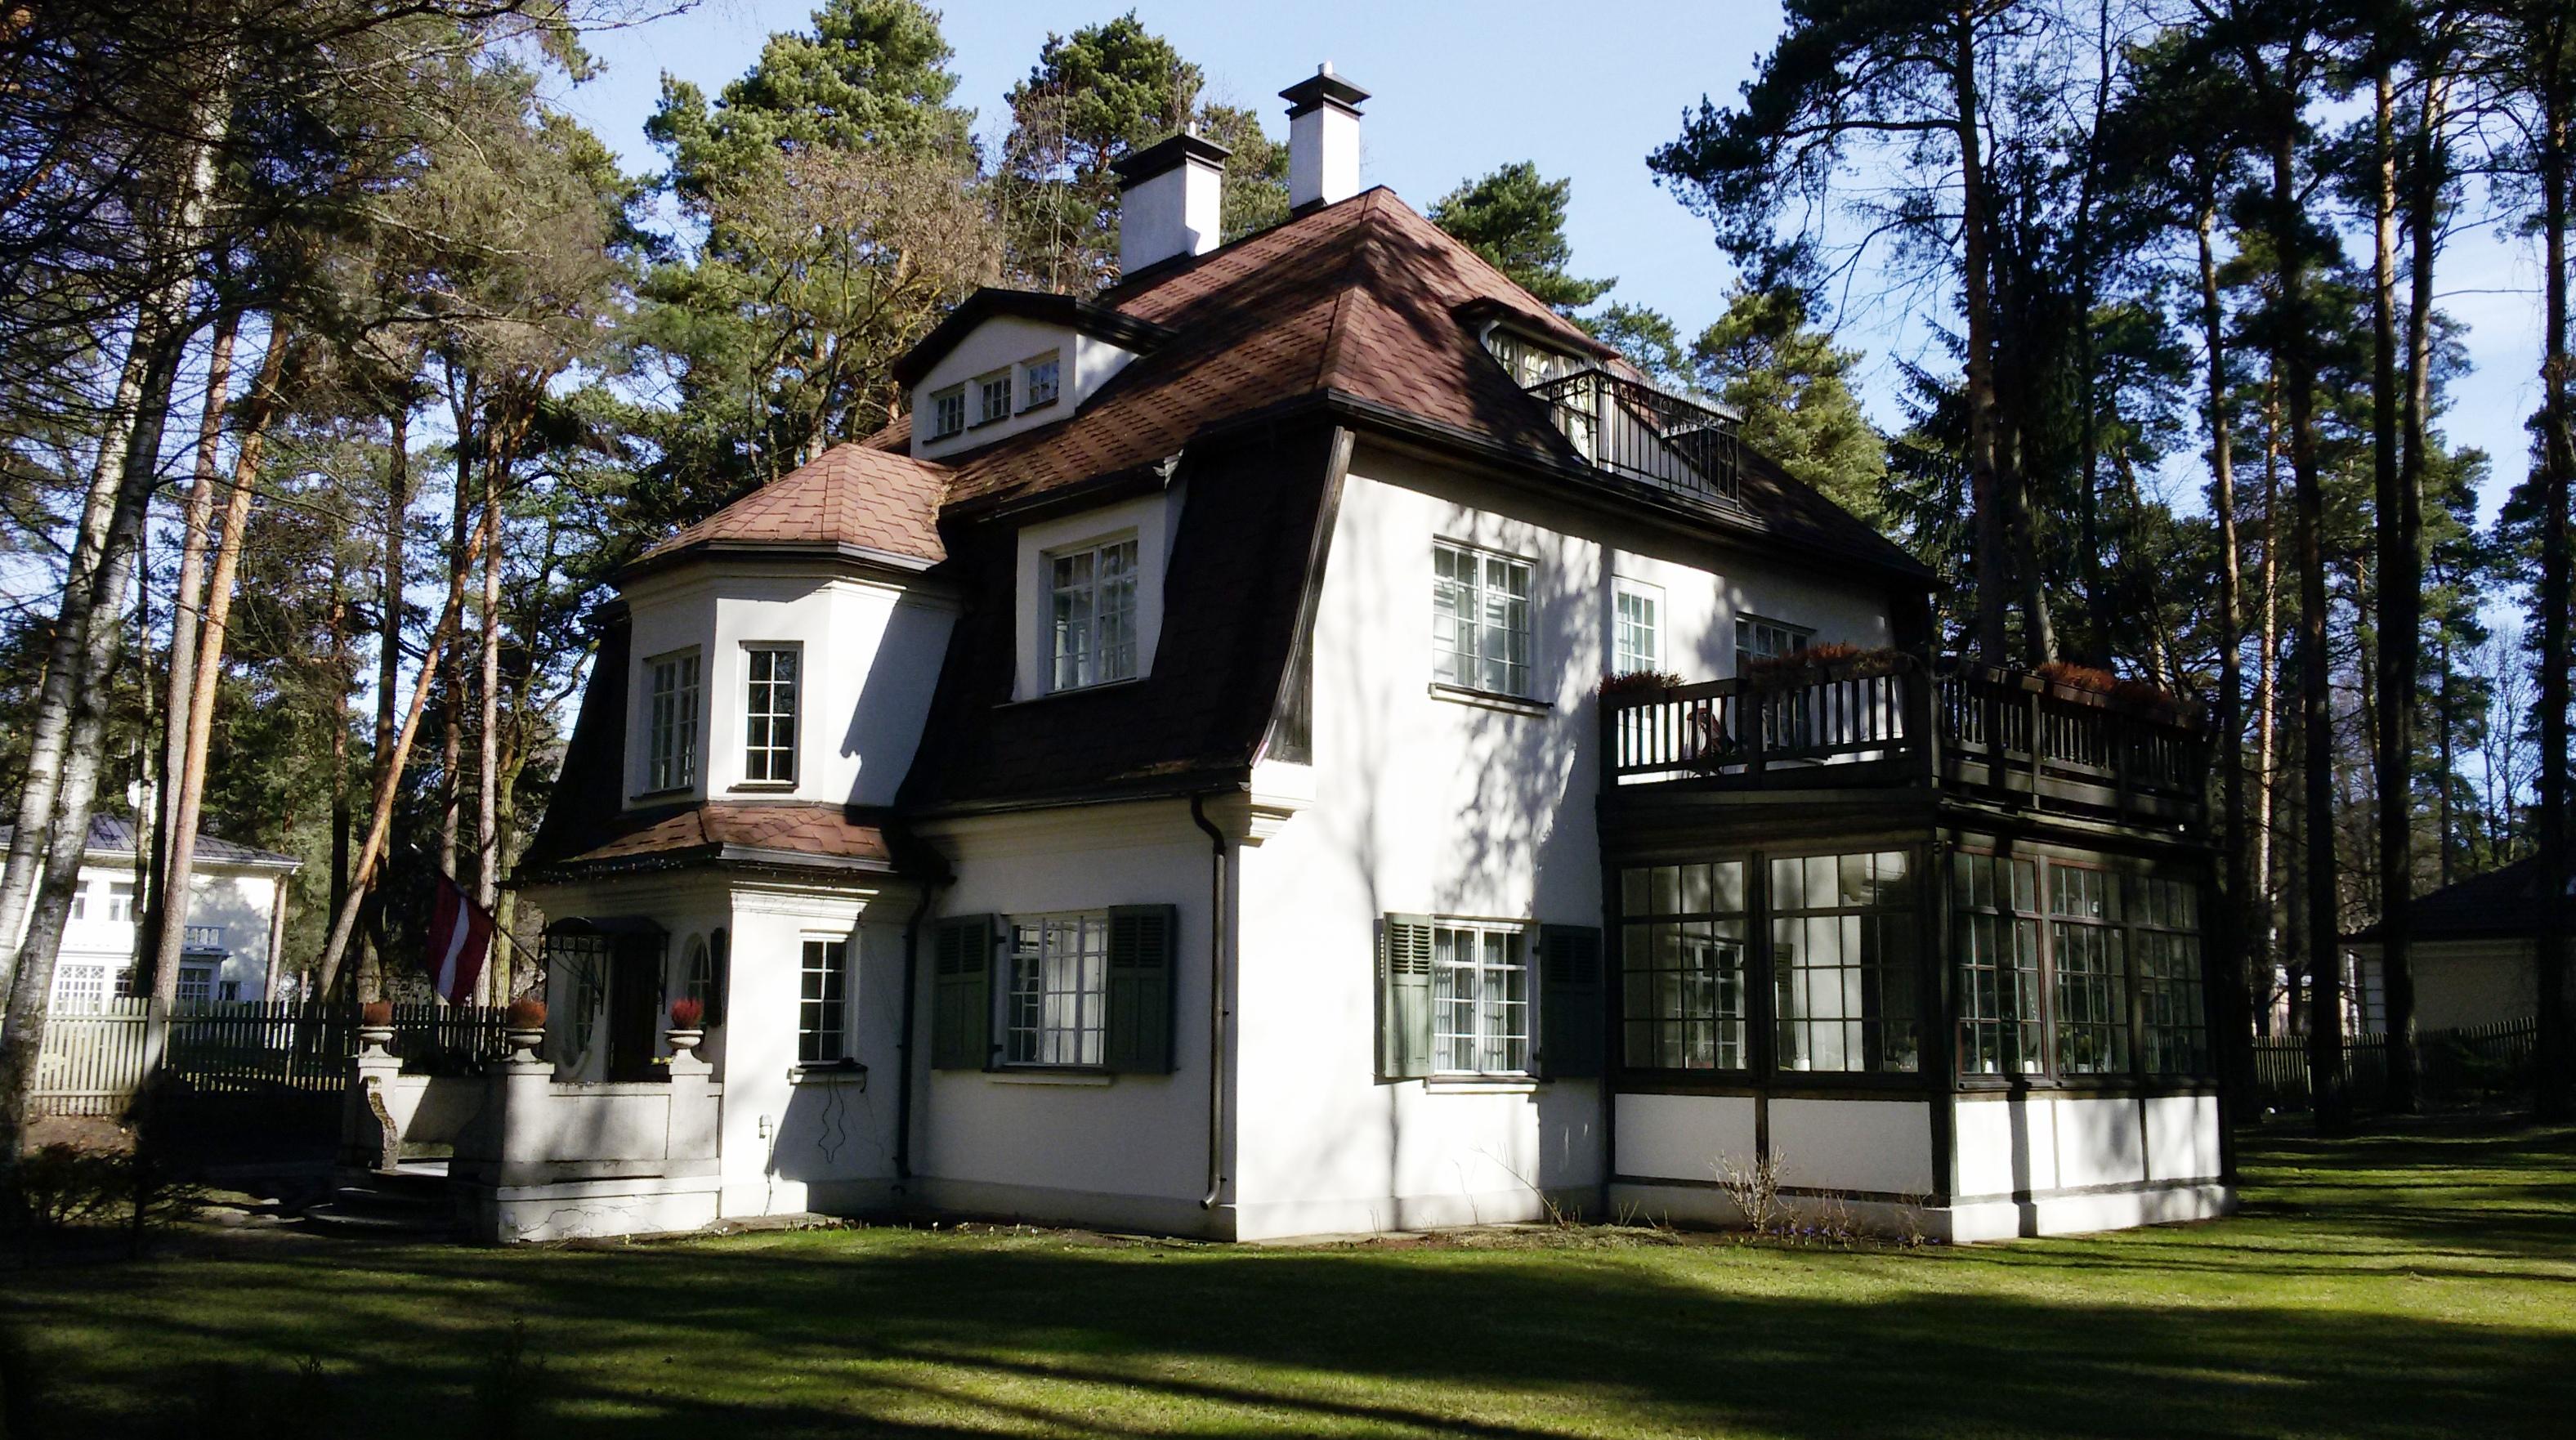 Личный дом архитектора Г. фон Тизенгаузена на ул.Щецинас, 5, 1912 год.